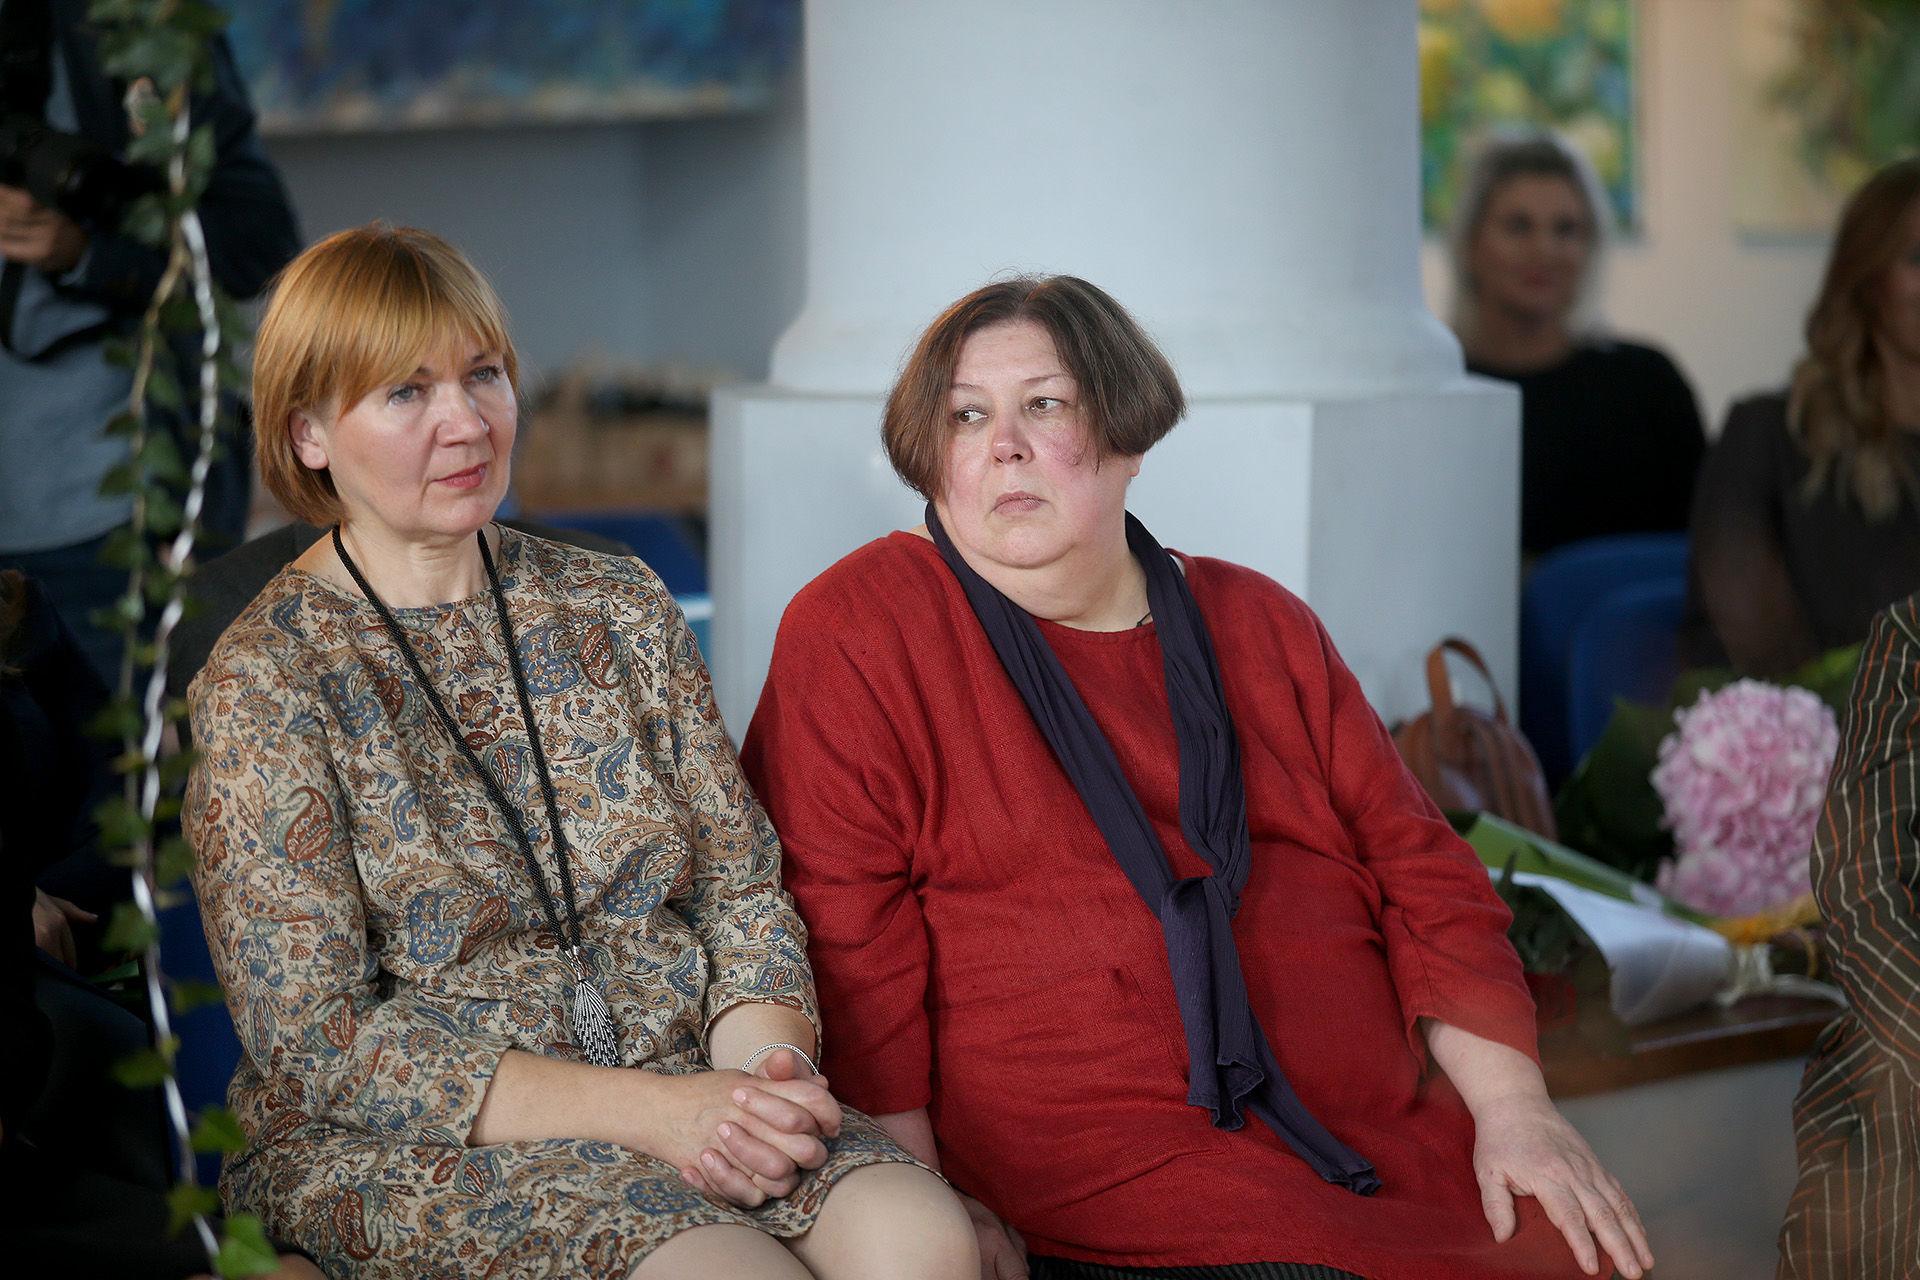 Ilgametės Kėdainių dailės mokyklos pedagogės, darbui su vaikais atiduodančios visą savo širdį, Eligija Venclovienė (kairėje) ir Irina Dima. / A. Barzdžiaus nuotr.